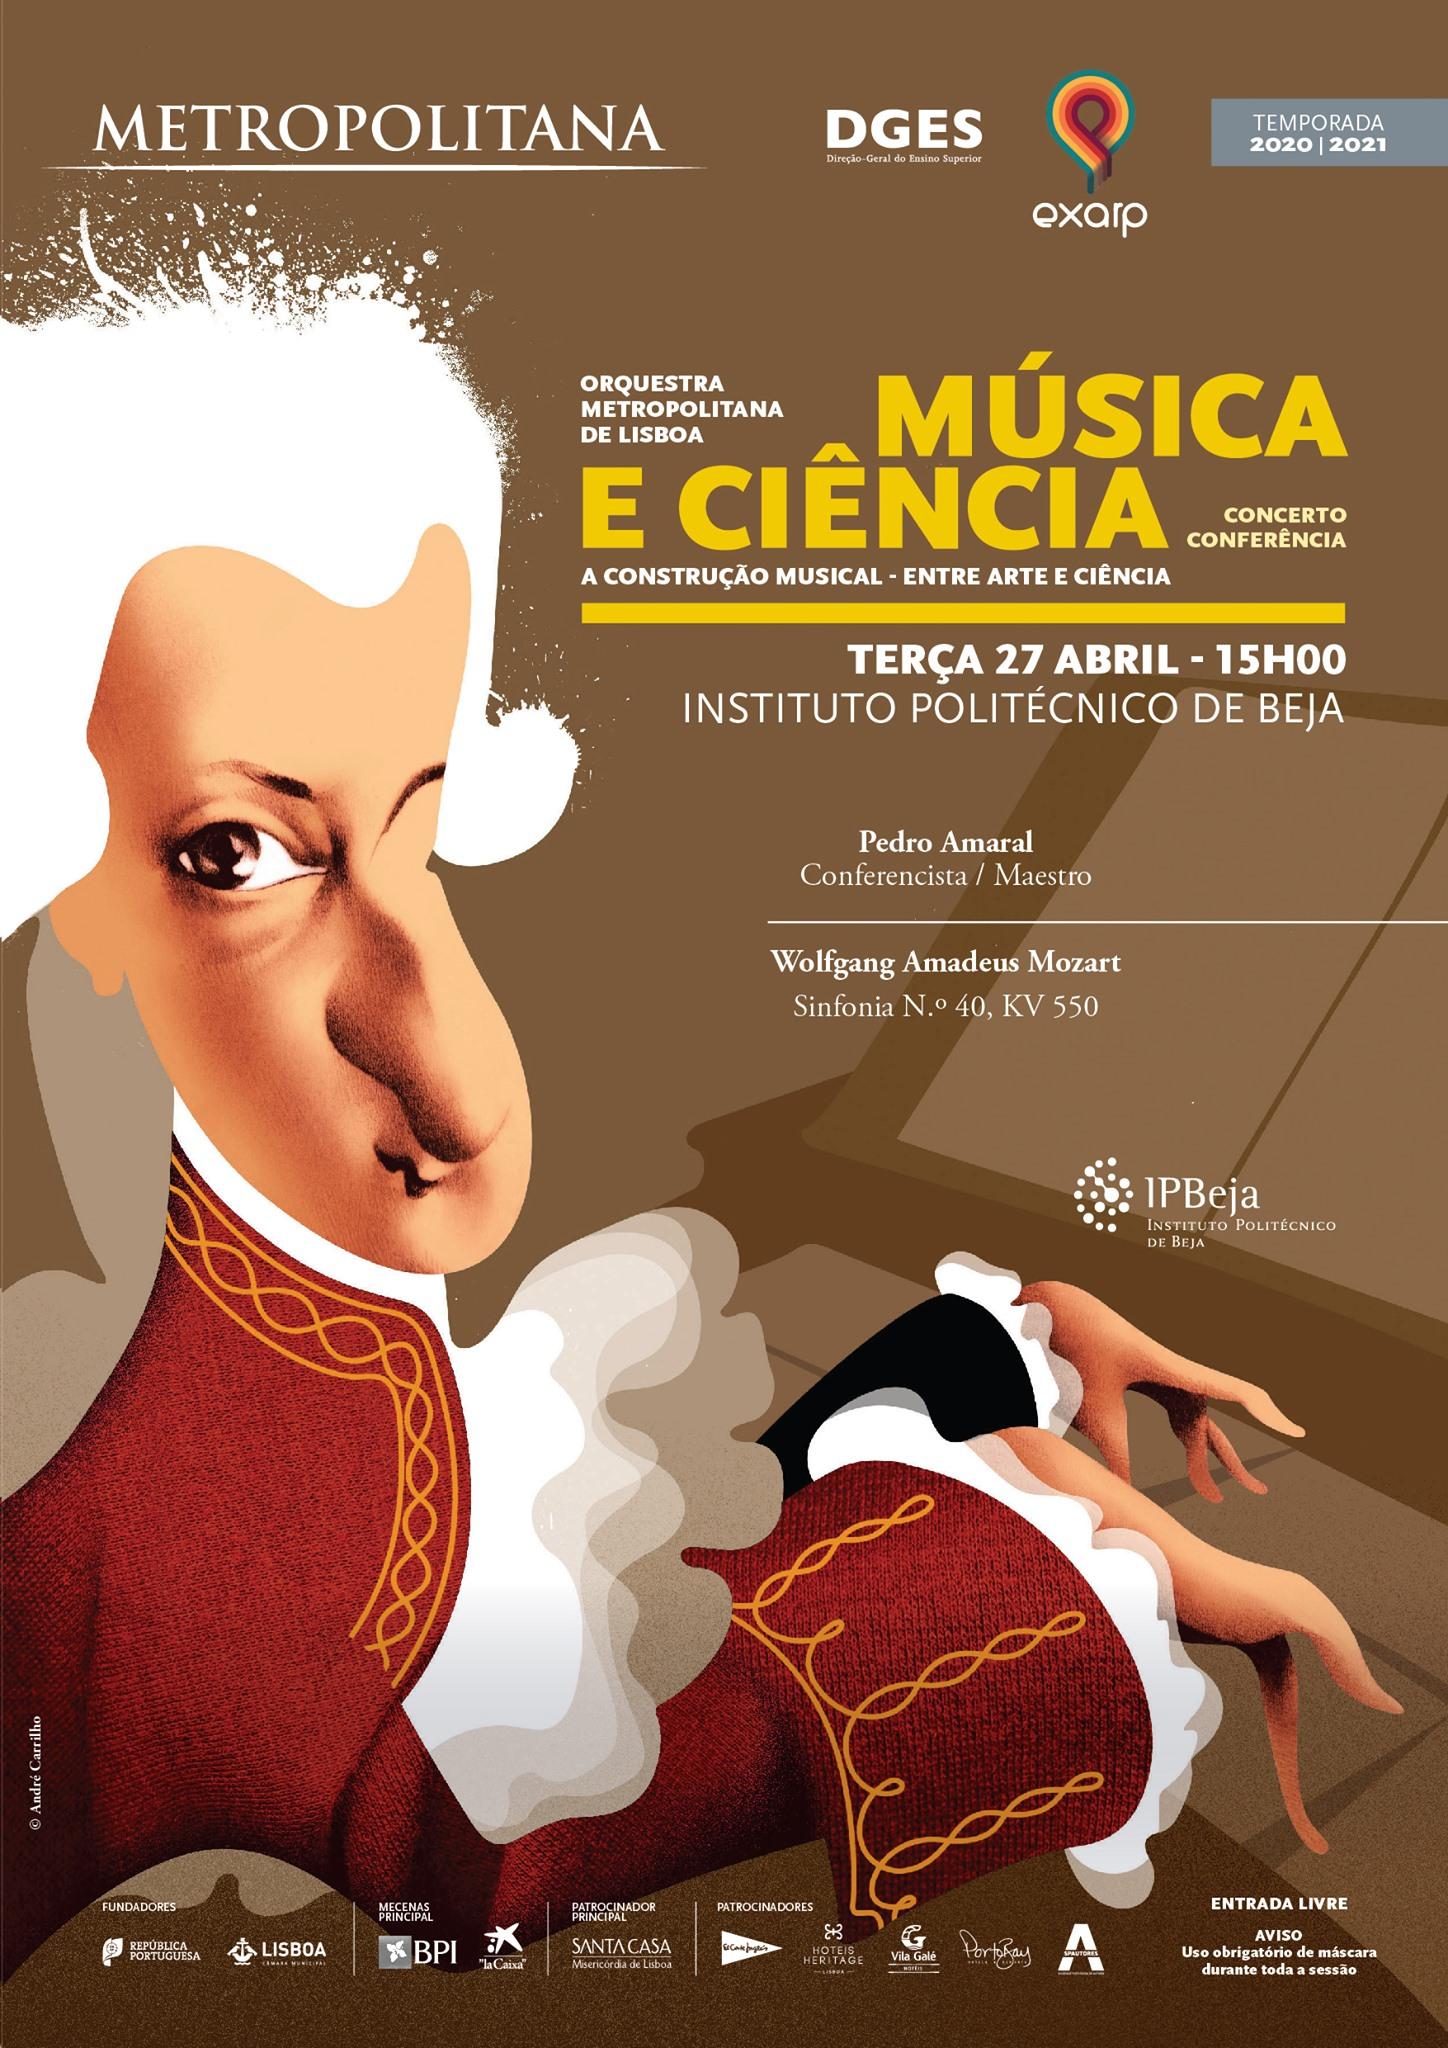 Música e Ciência   Orquestra Metropolitana de Lisboa